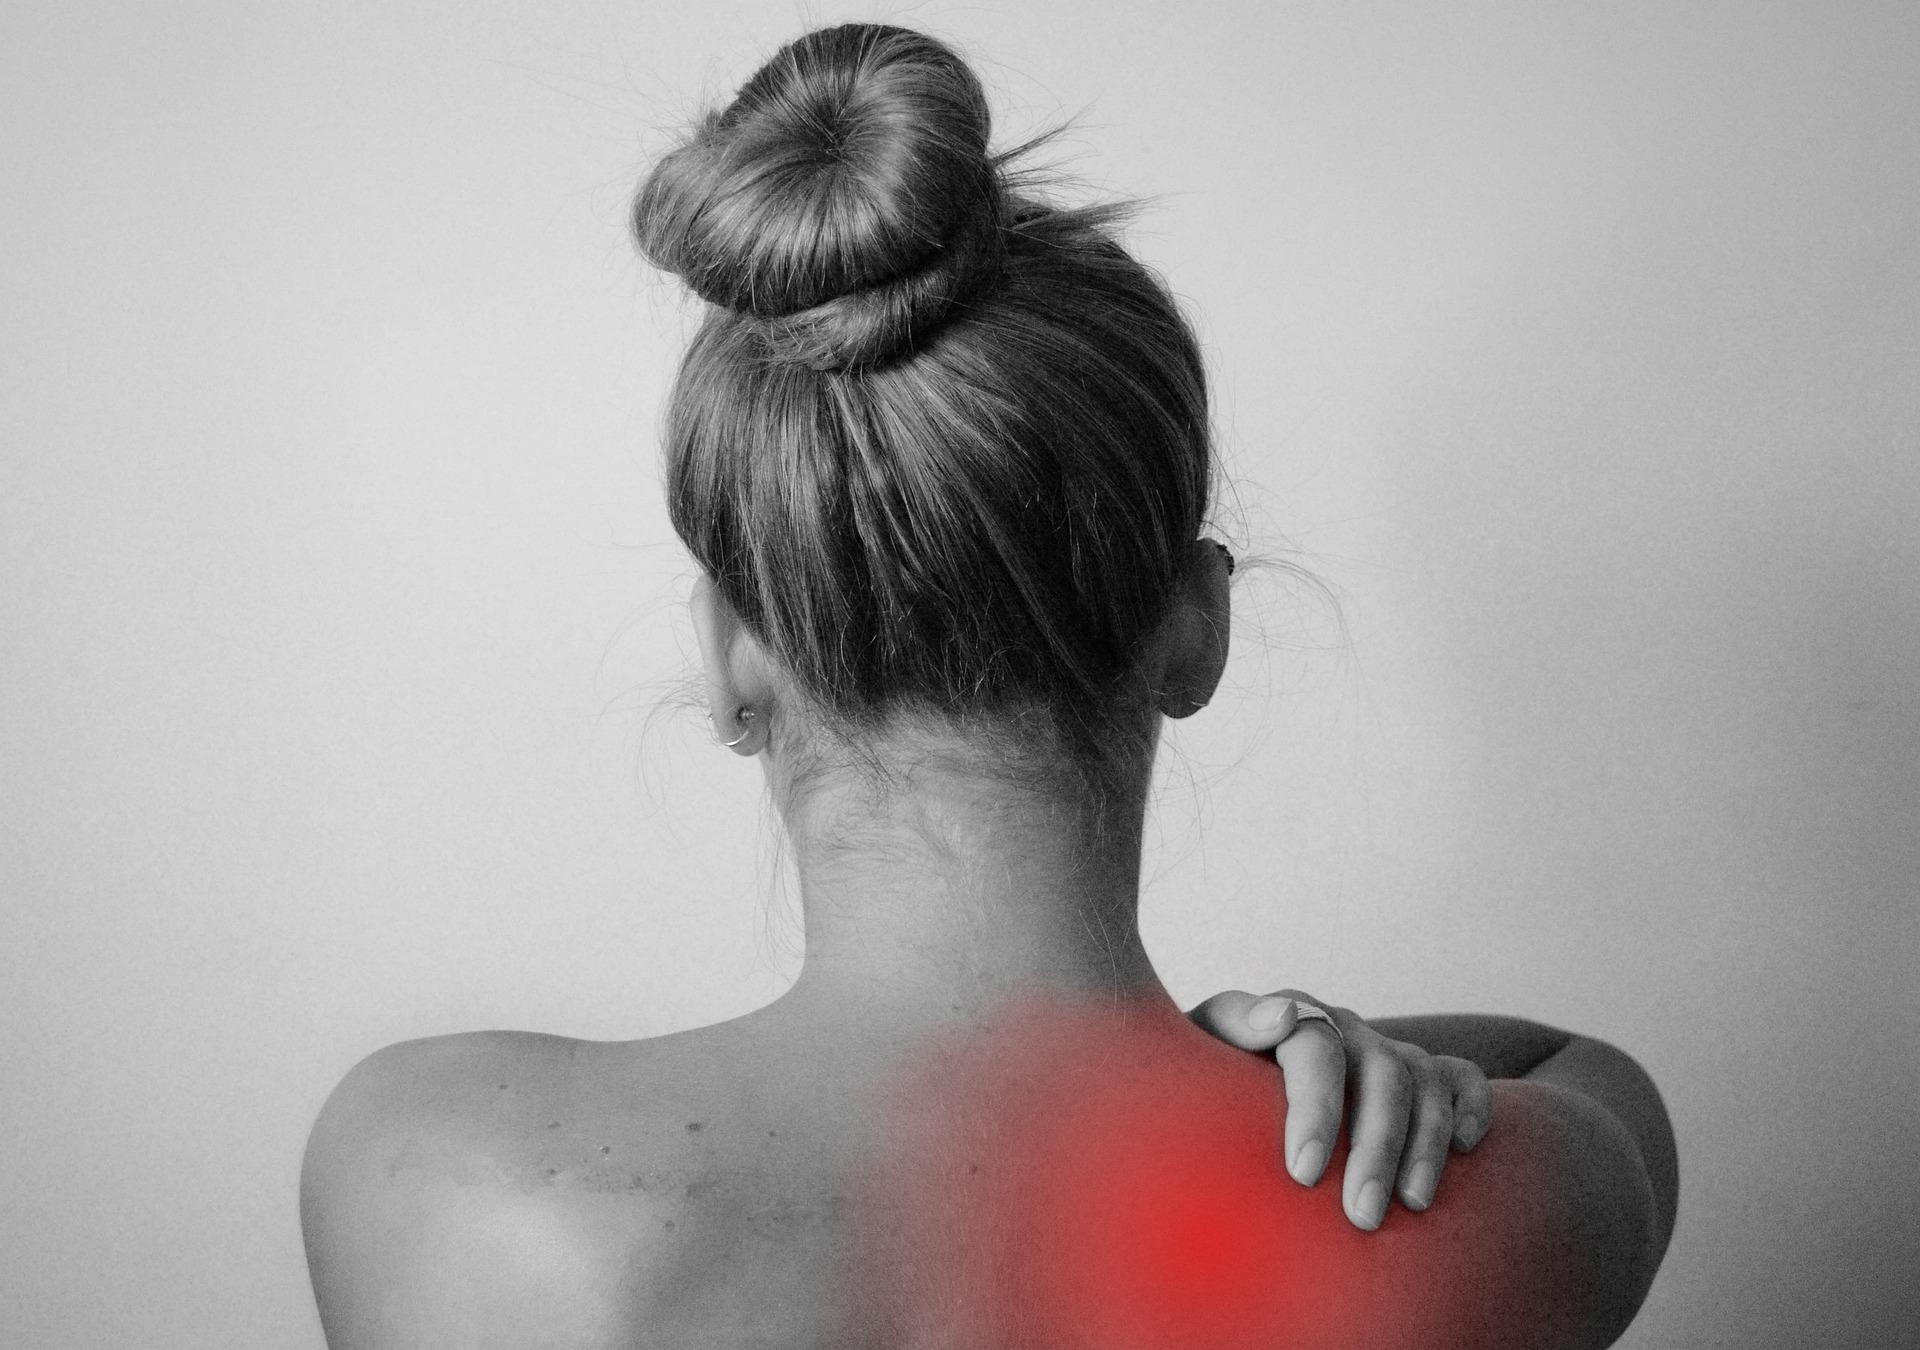 pain in pregnancy